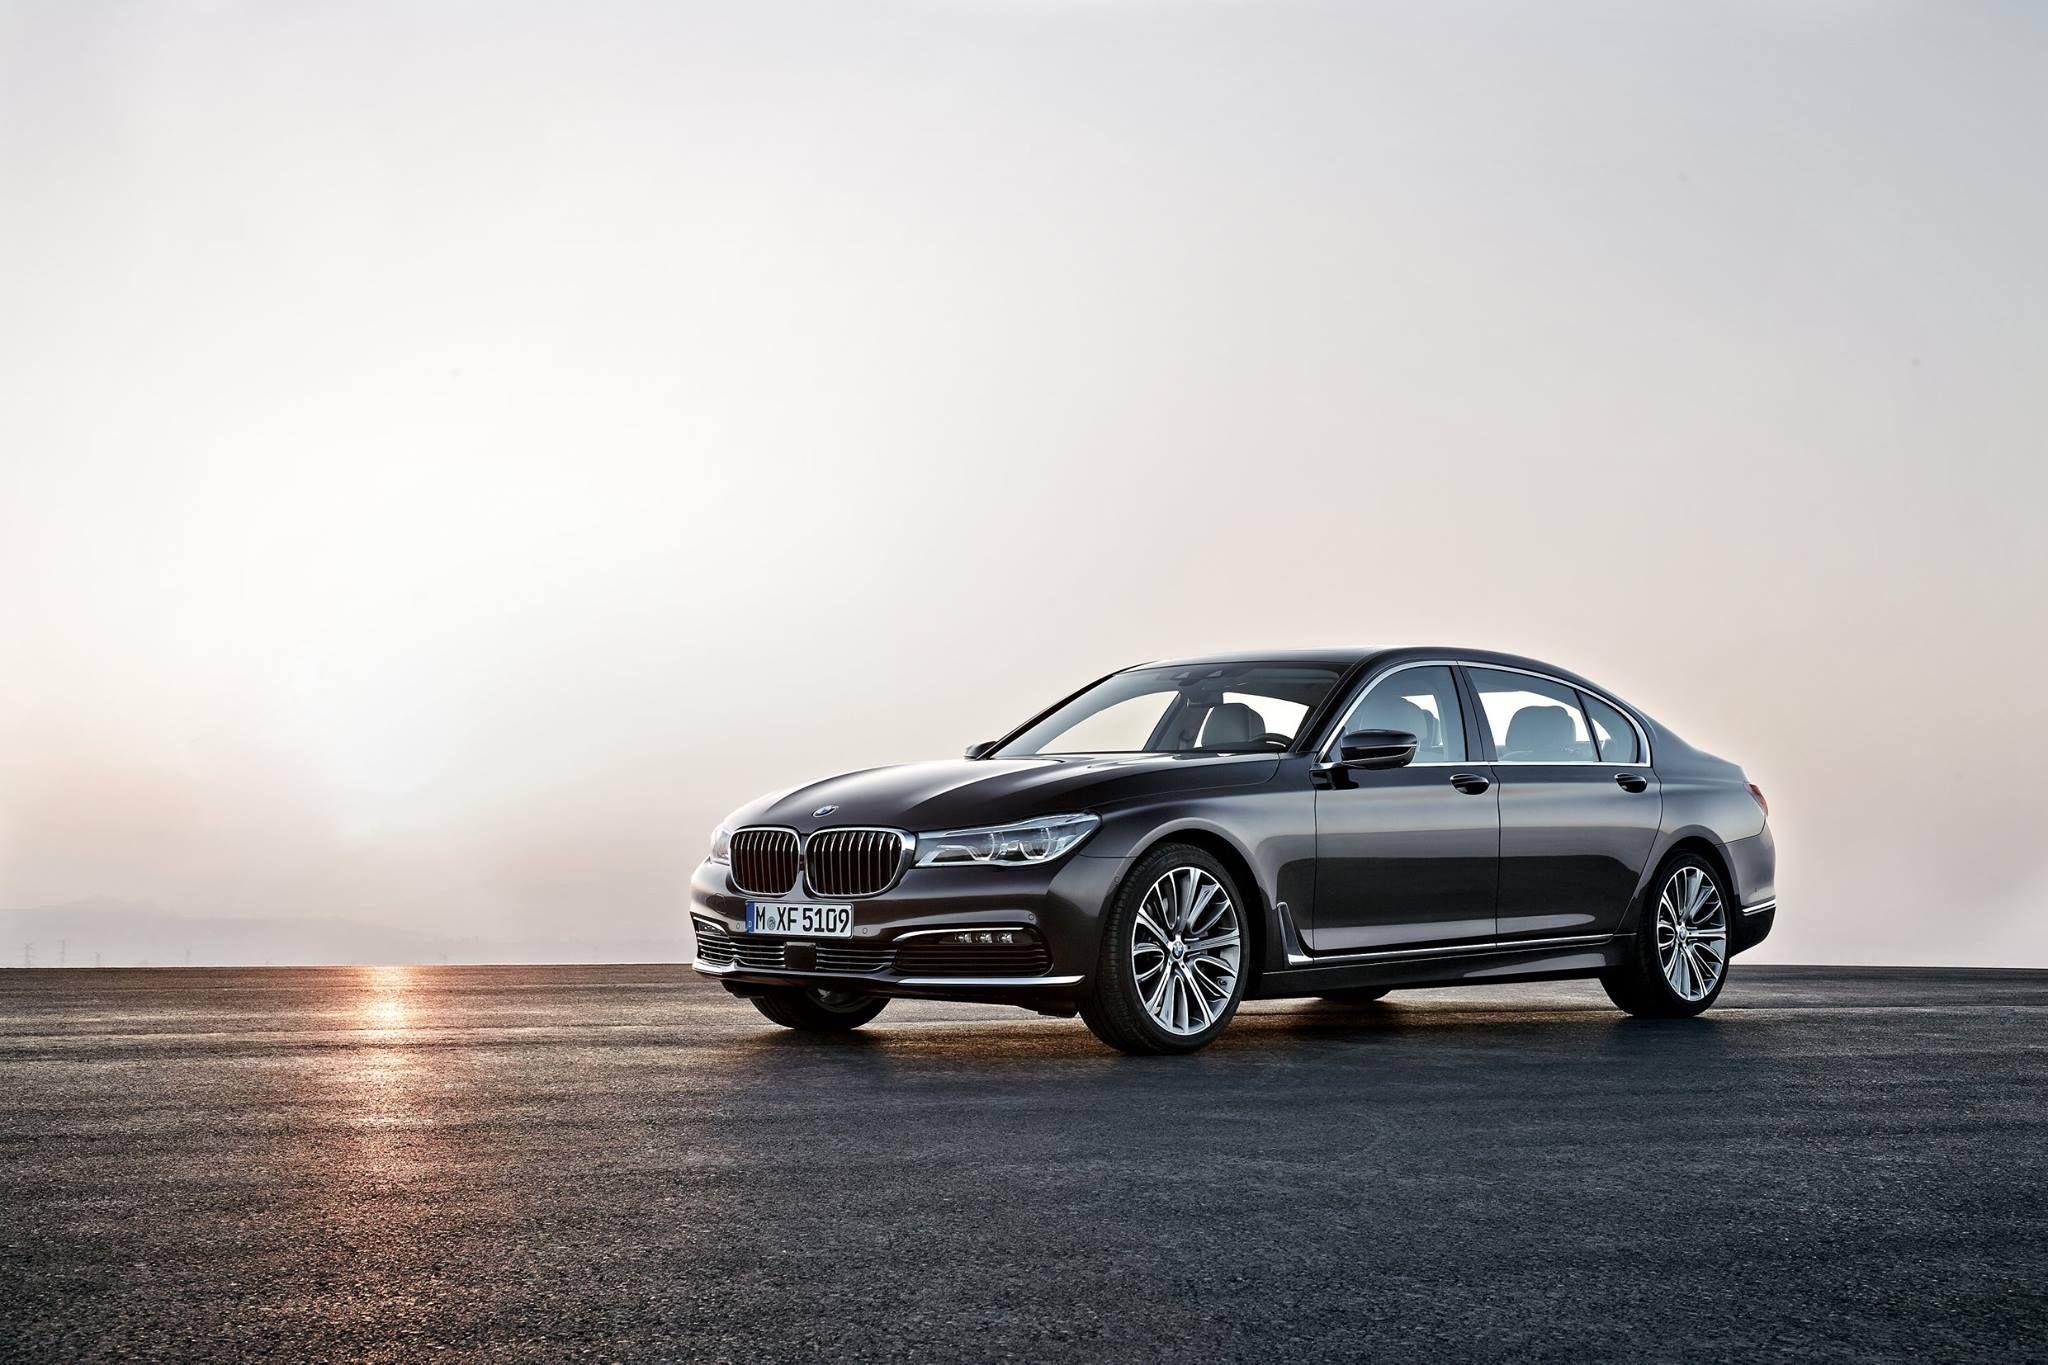 BMW Serie 7 è espressione di ricercatezza ed eleganza per tutti coloro che amano viaggiare in prima classe, senza dover scendere mai.